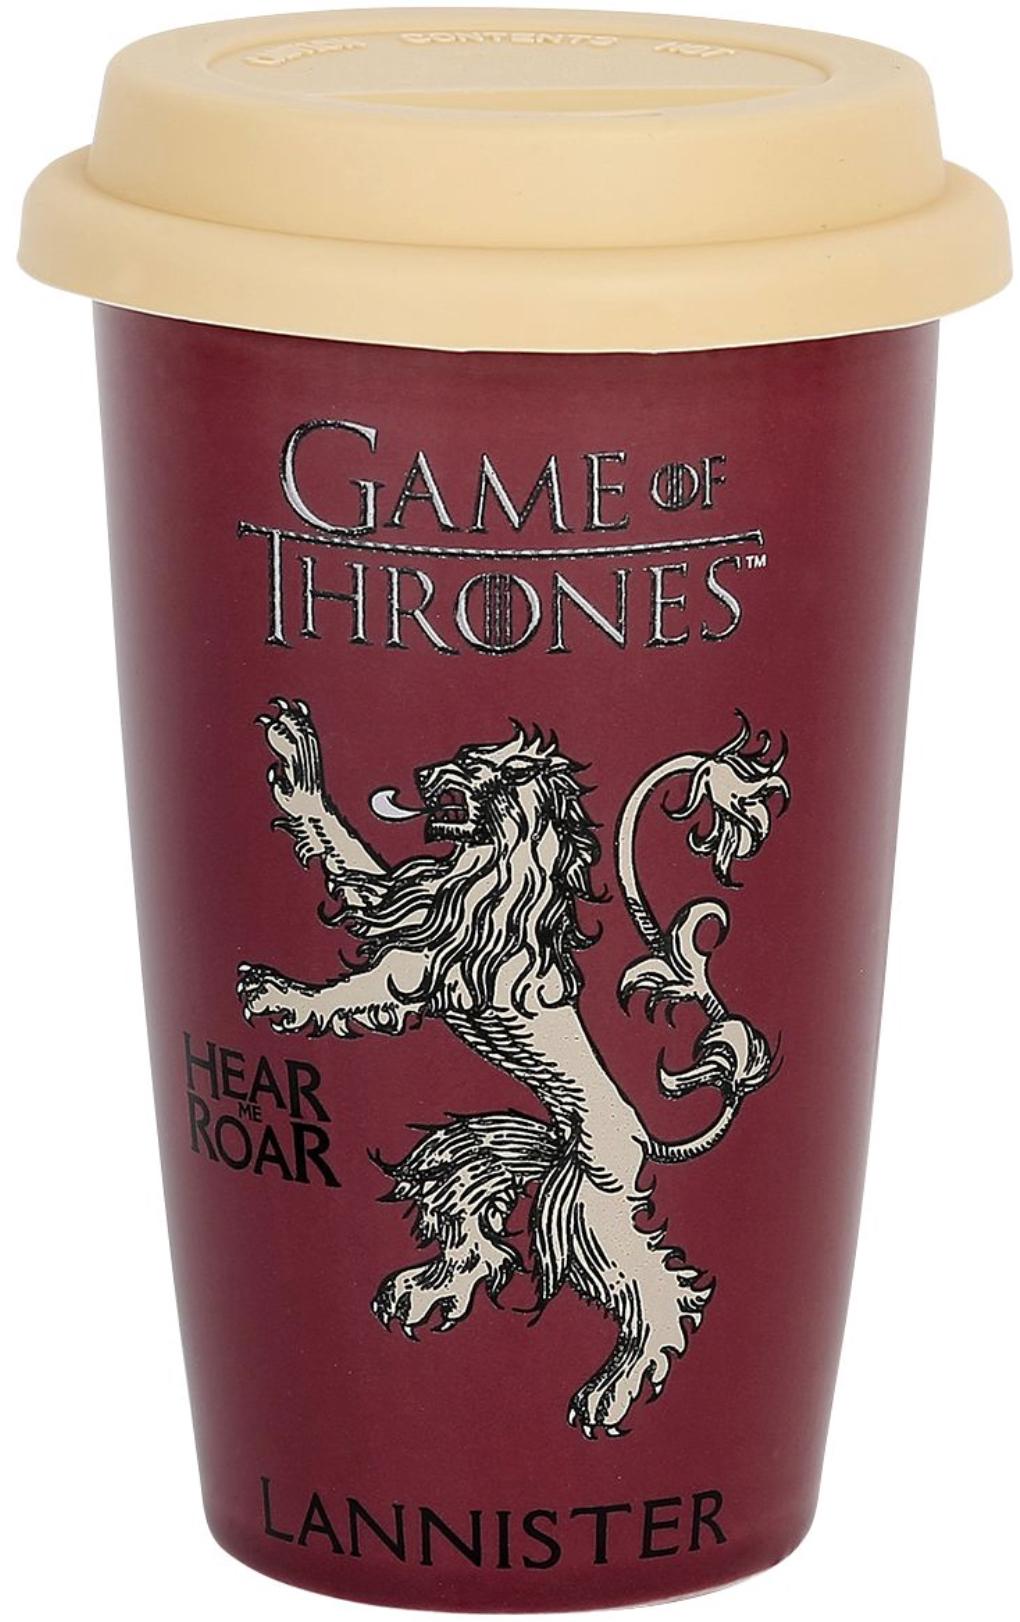 [EMP] Game of Thrones House Lannister Kaffee Becher Trinkbecher Keramik